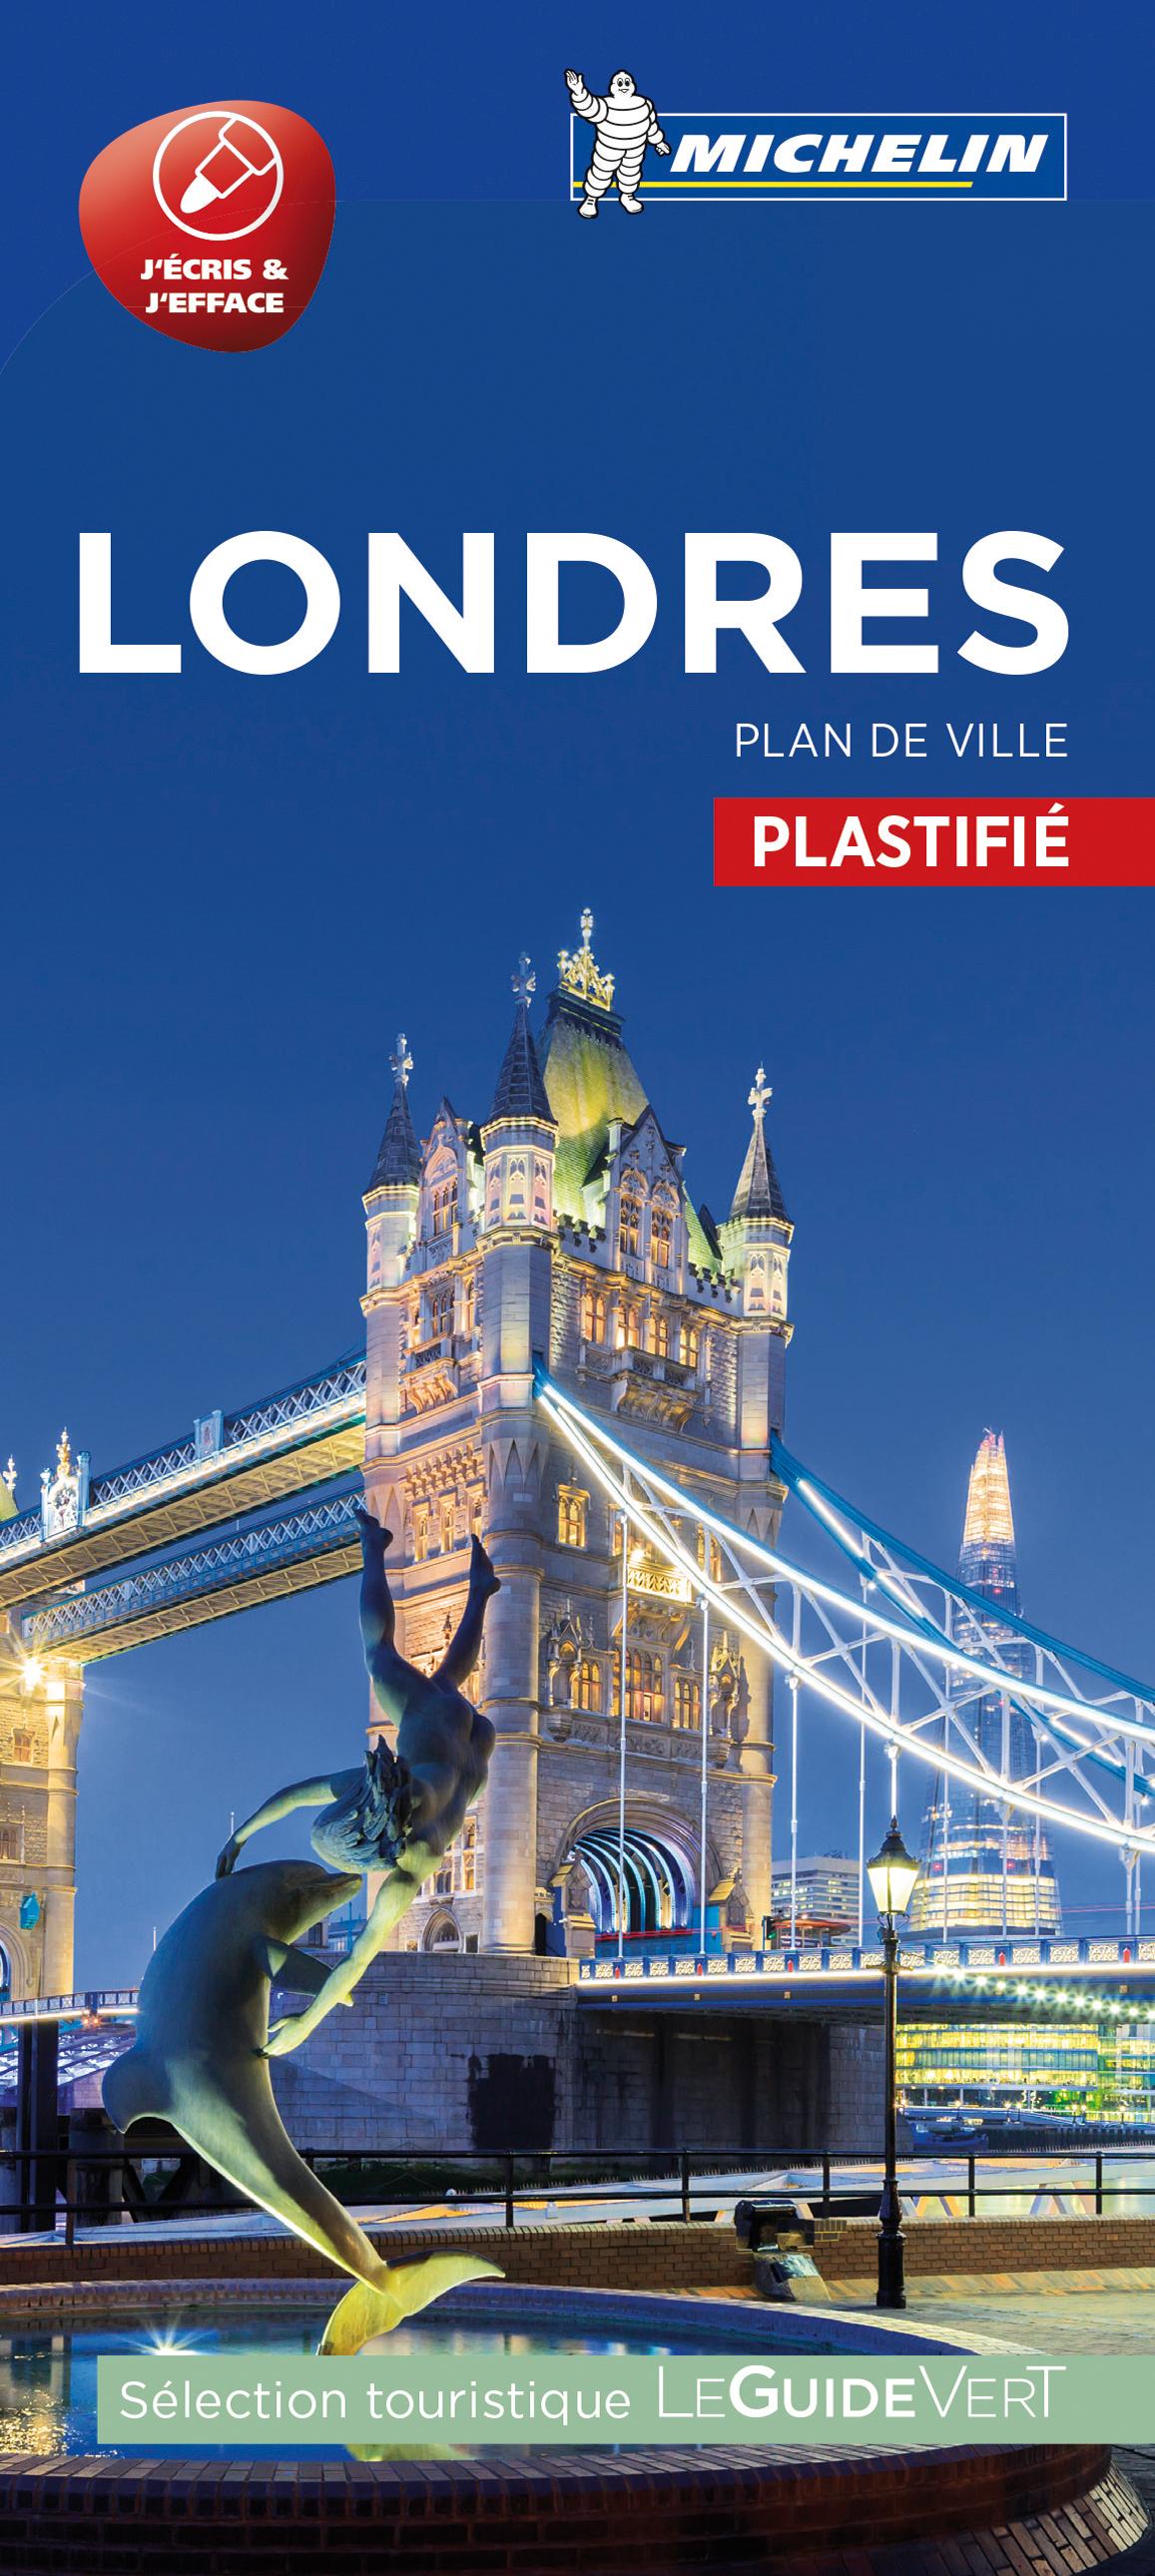 LONDRES - PLAN DE VILLE PLASTIFIE